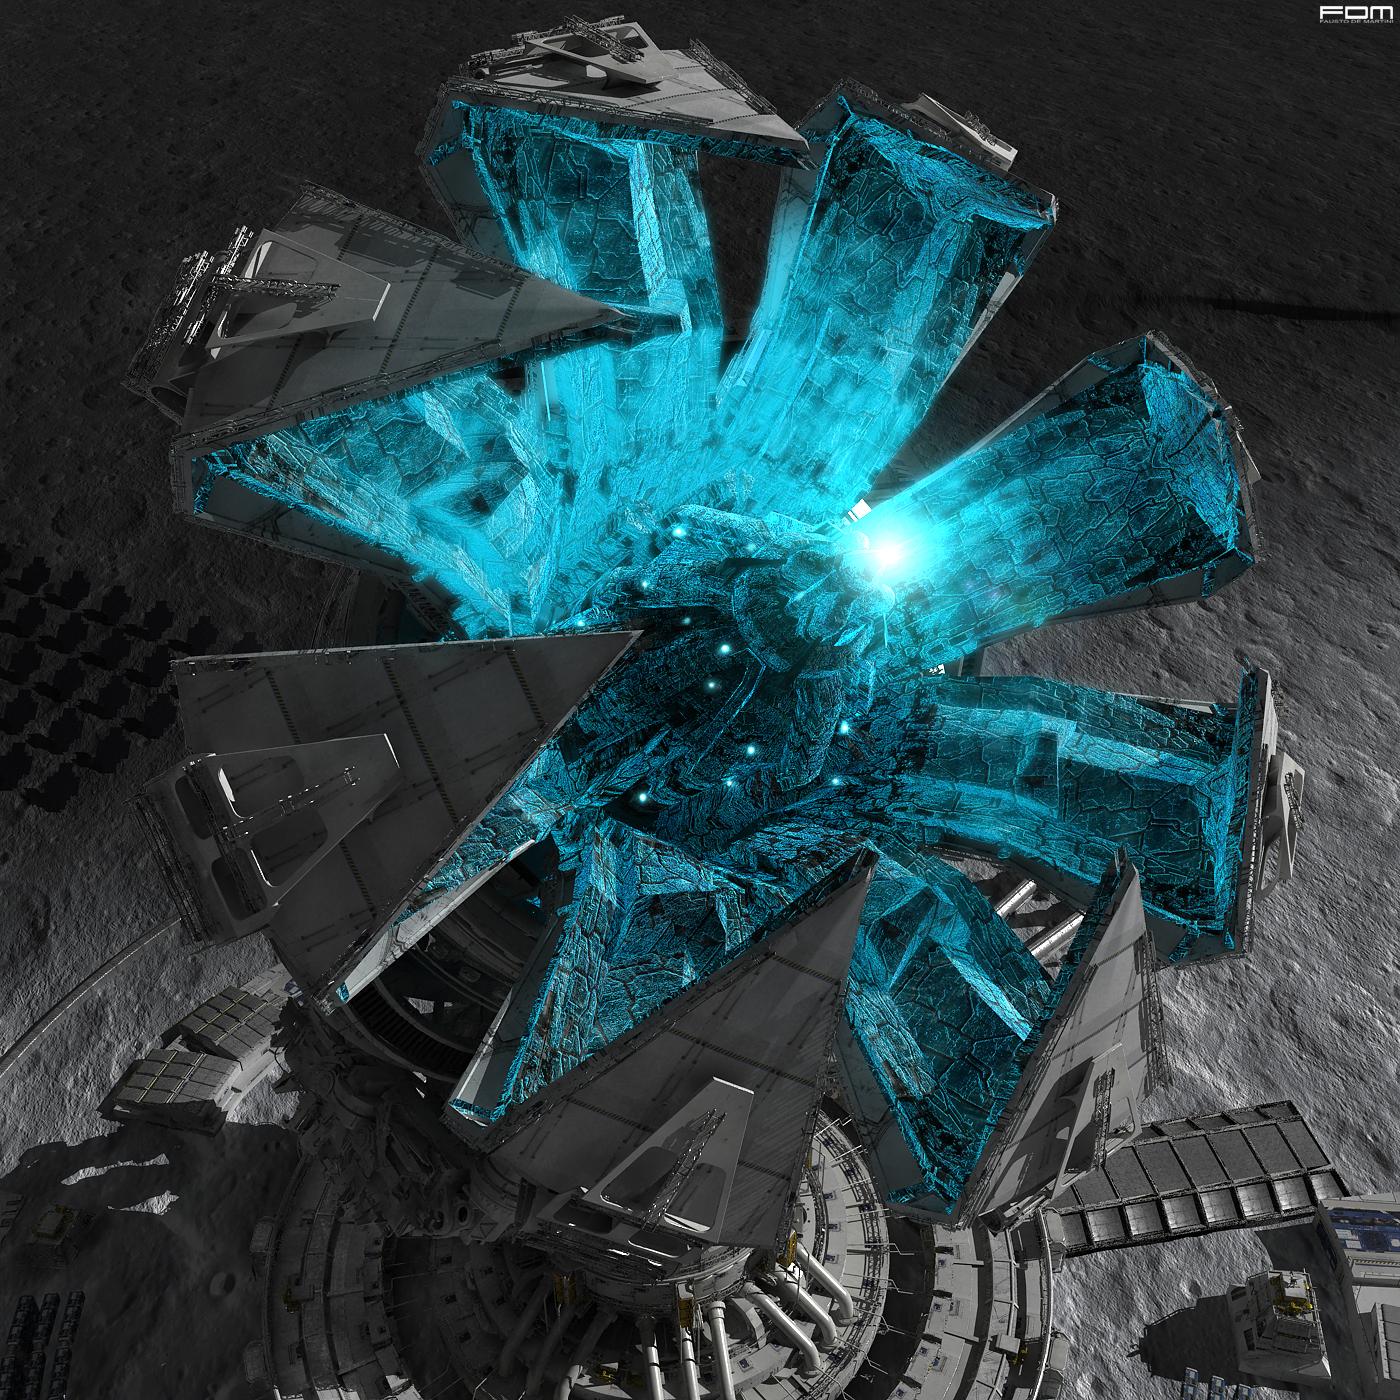 MoonBase_042115_FDM_Weapon_v003_003.jpg